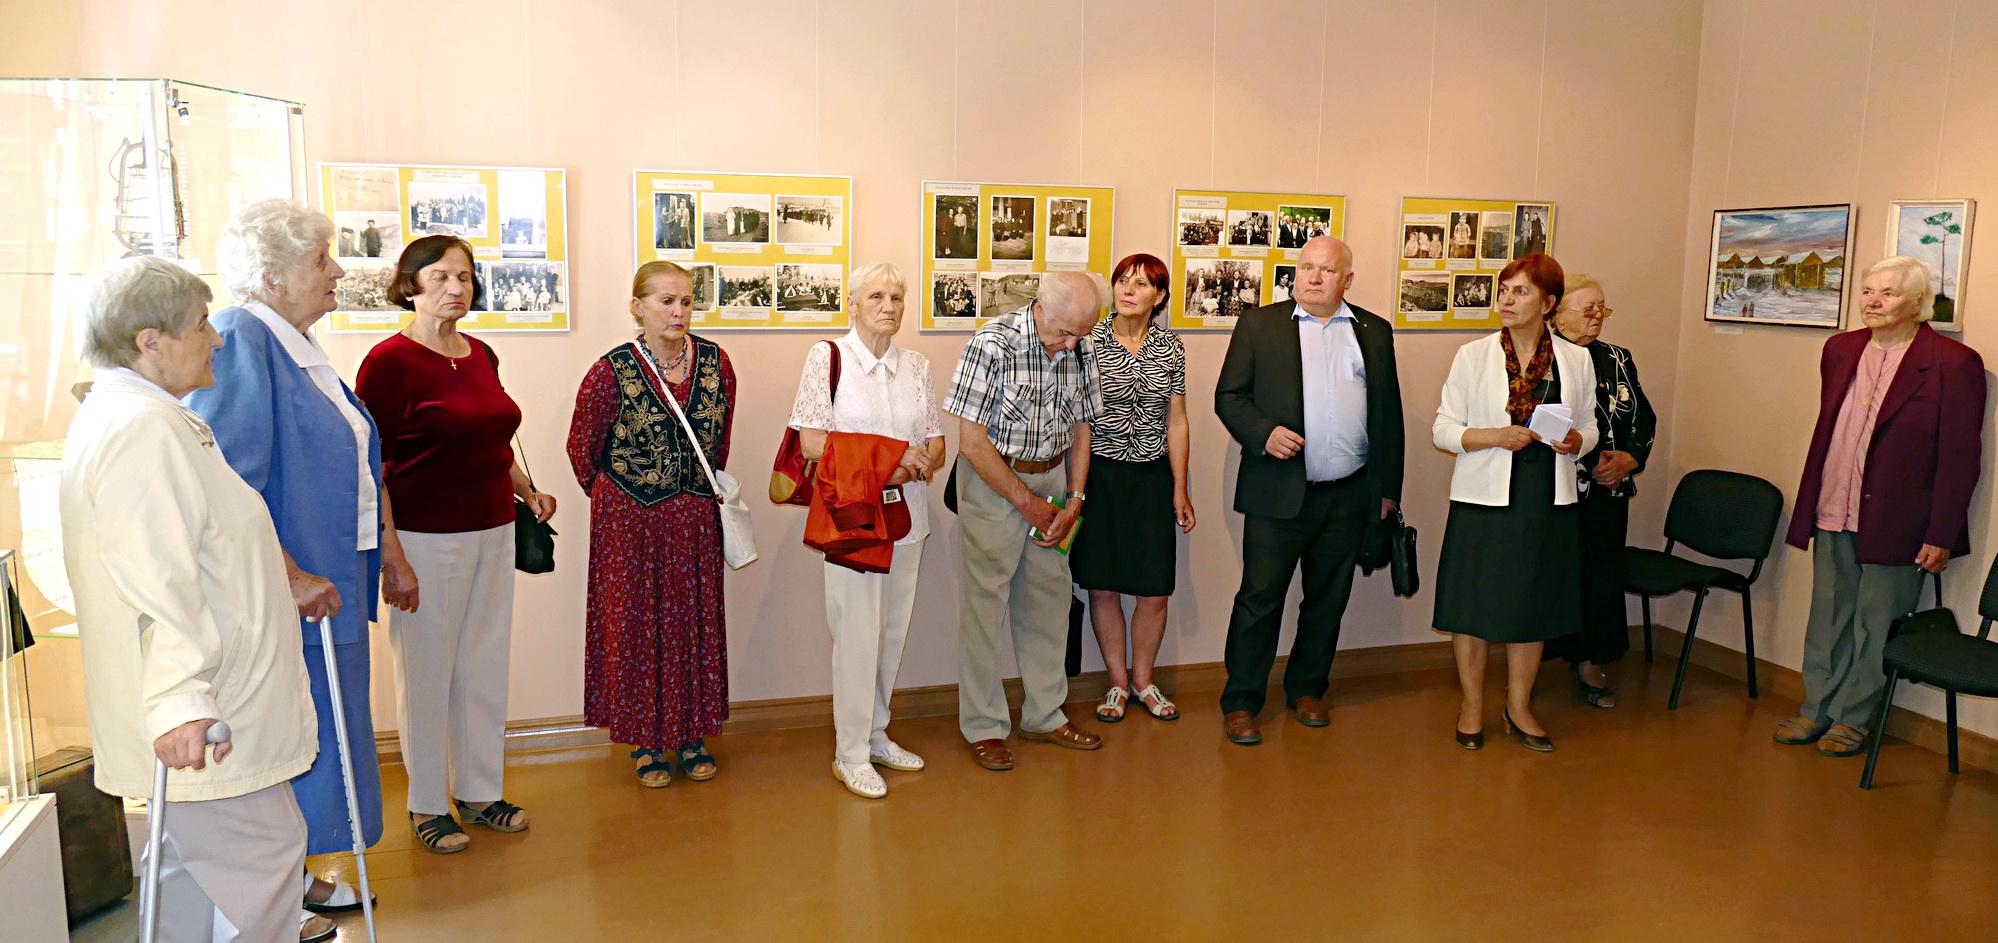 Į parodos atidarymą  susirinkę tremtiniai apžiūrinėjo nuotraukas, rodė jose save ir pasakojo apie tų laikų įvykius.